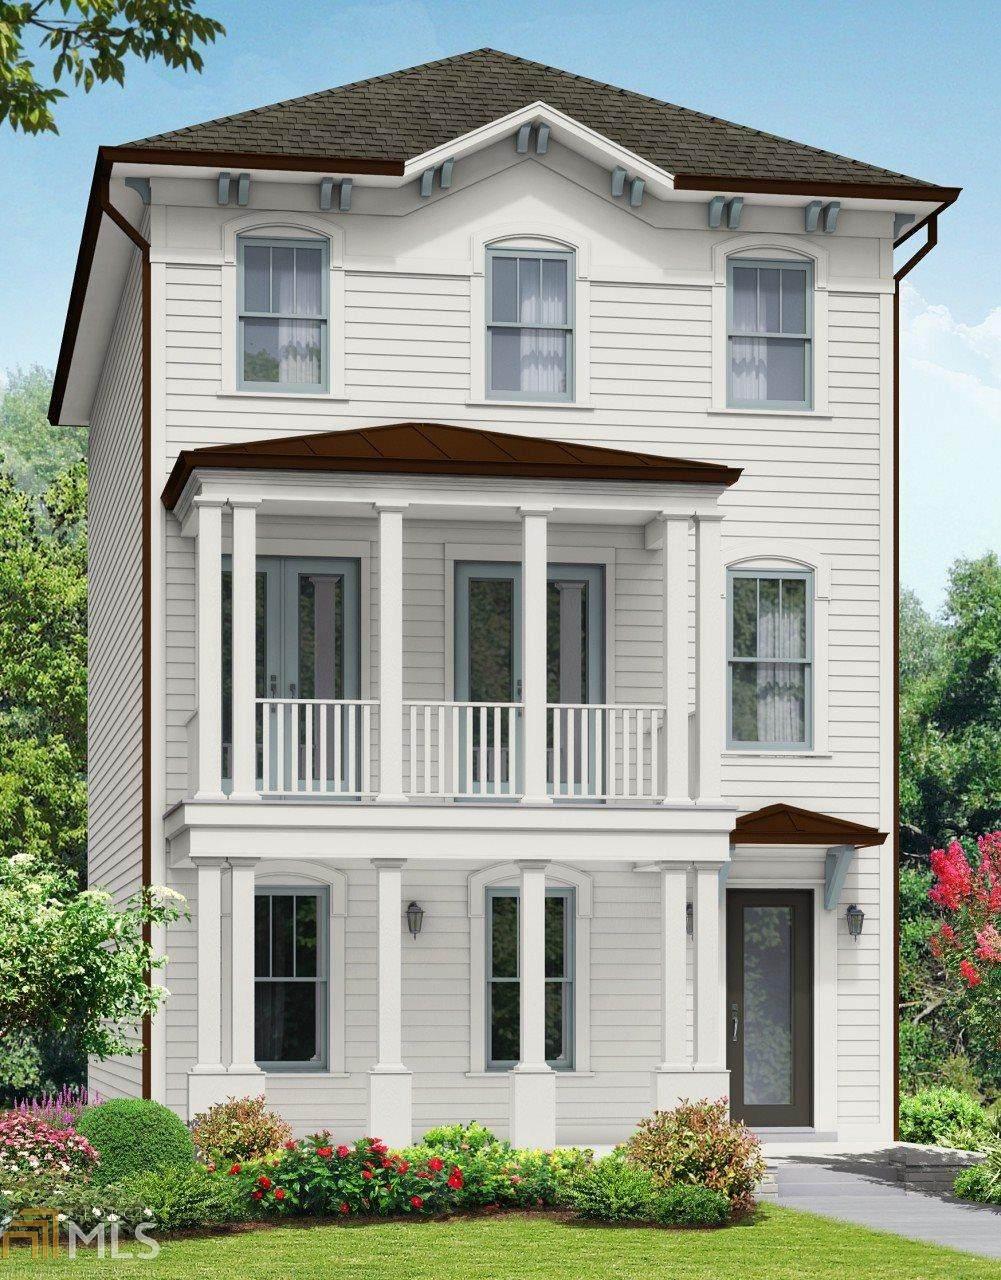 240 Villa Magnolia Ln - Photo 1